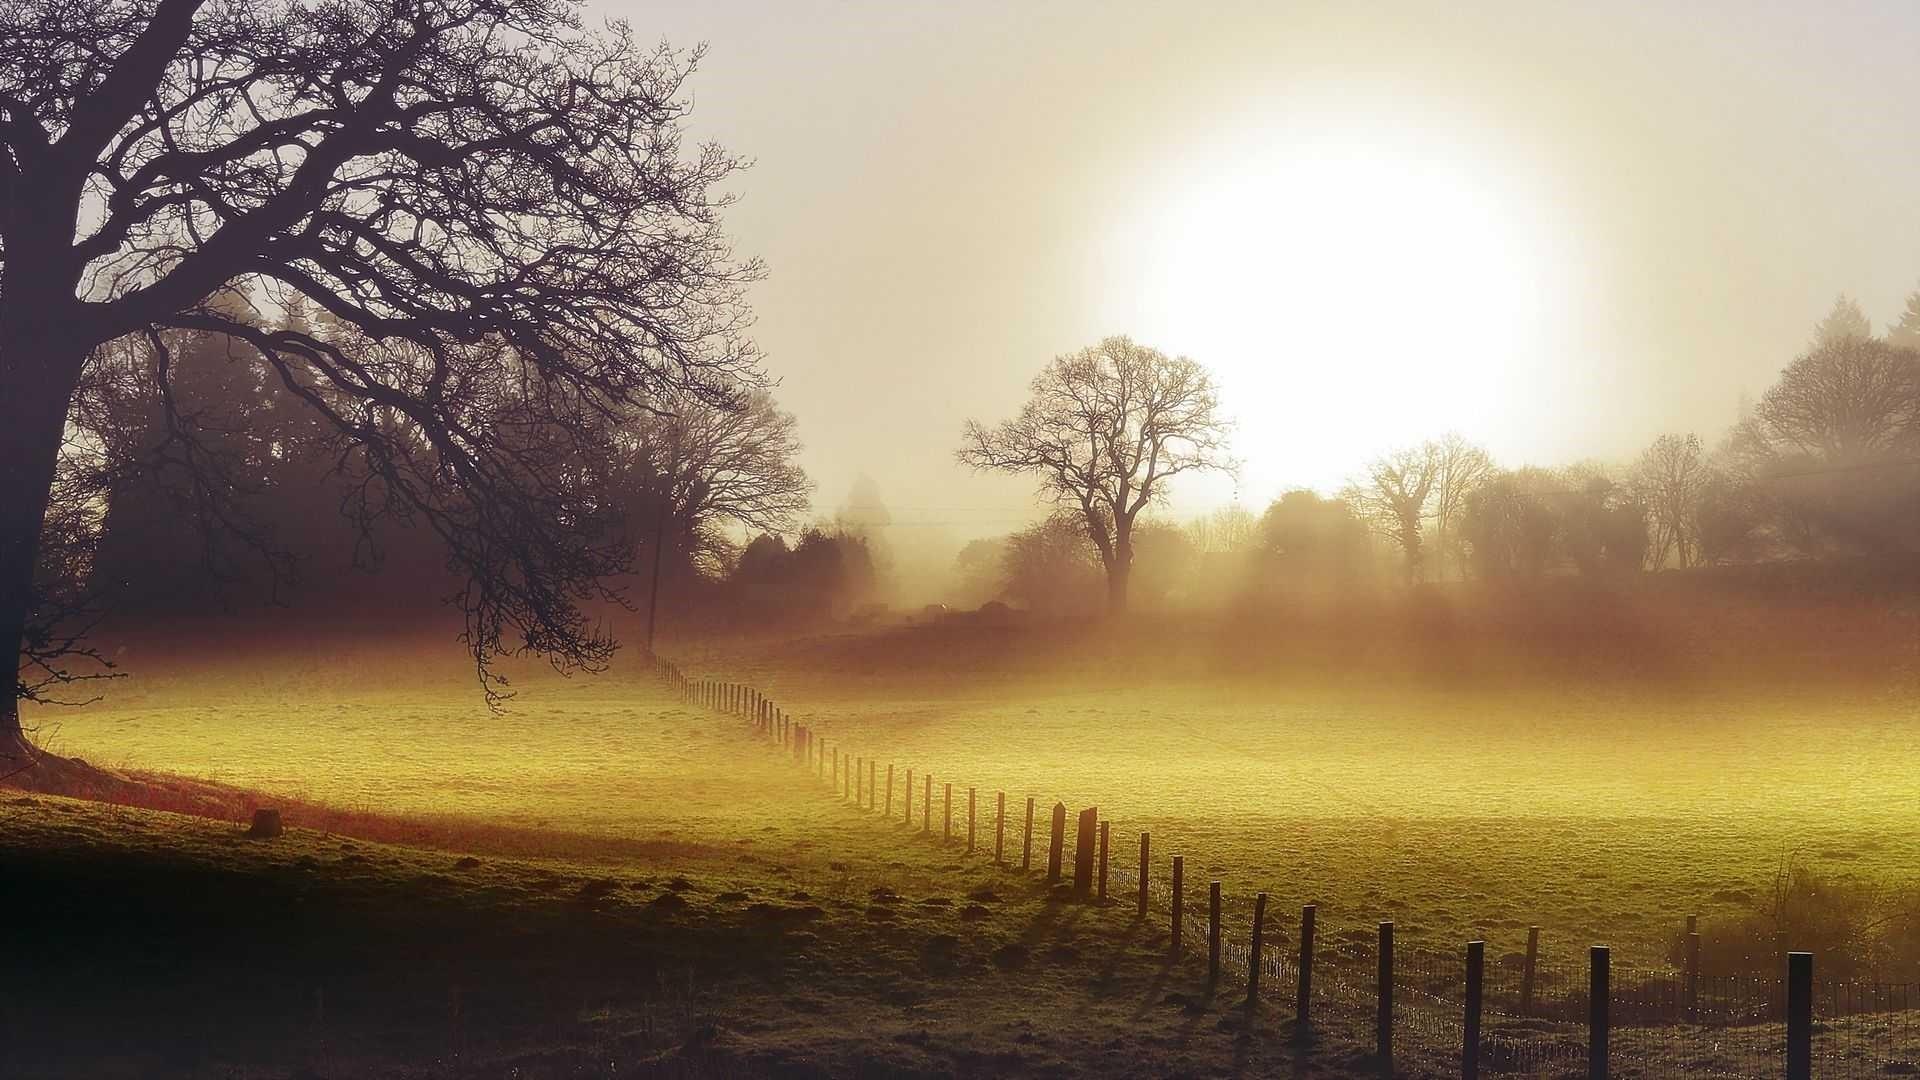 Morning Wallpaper HD